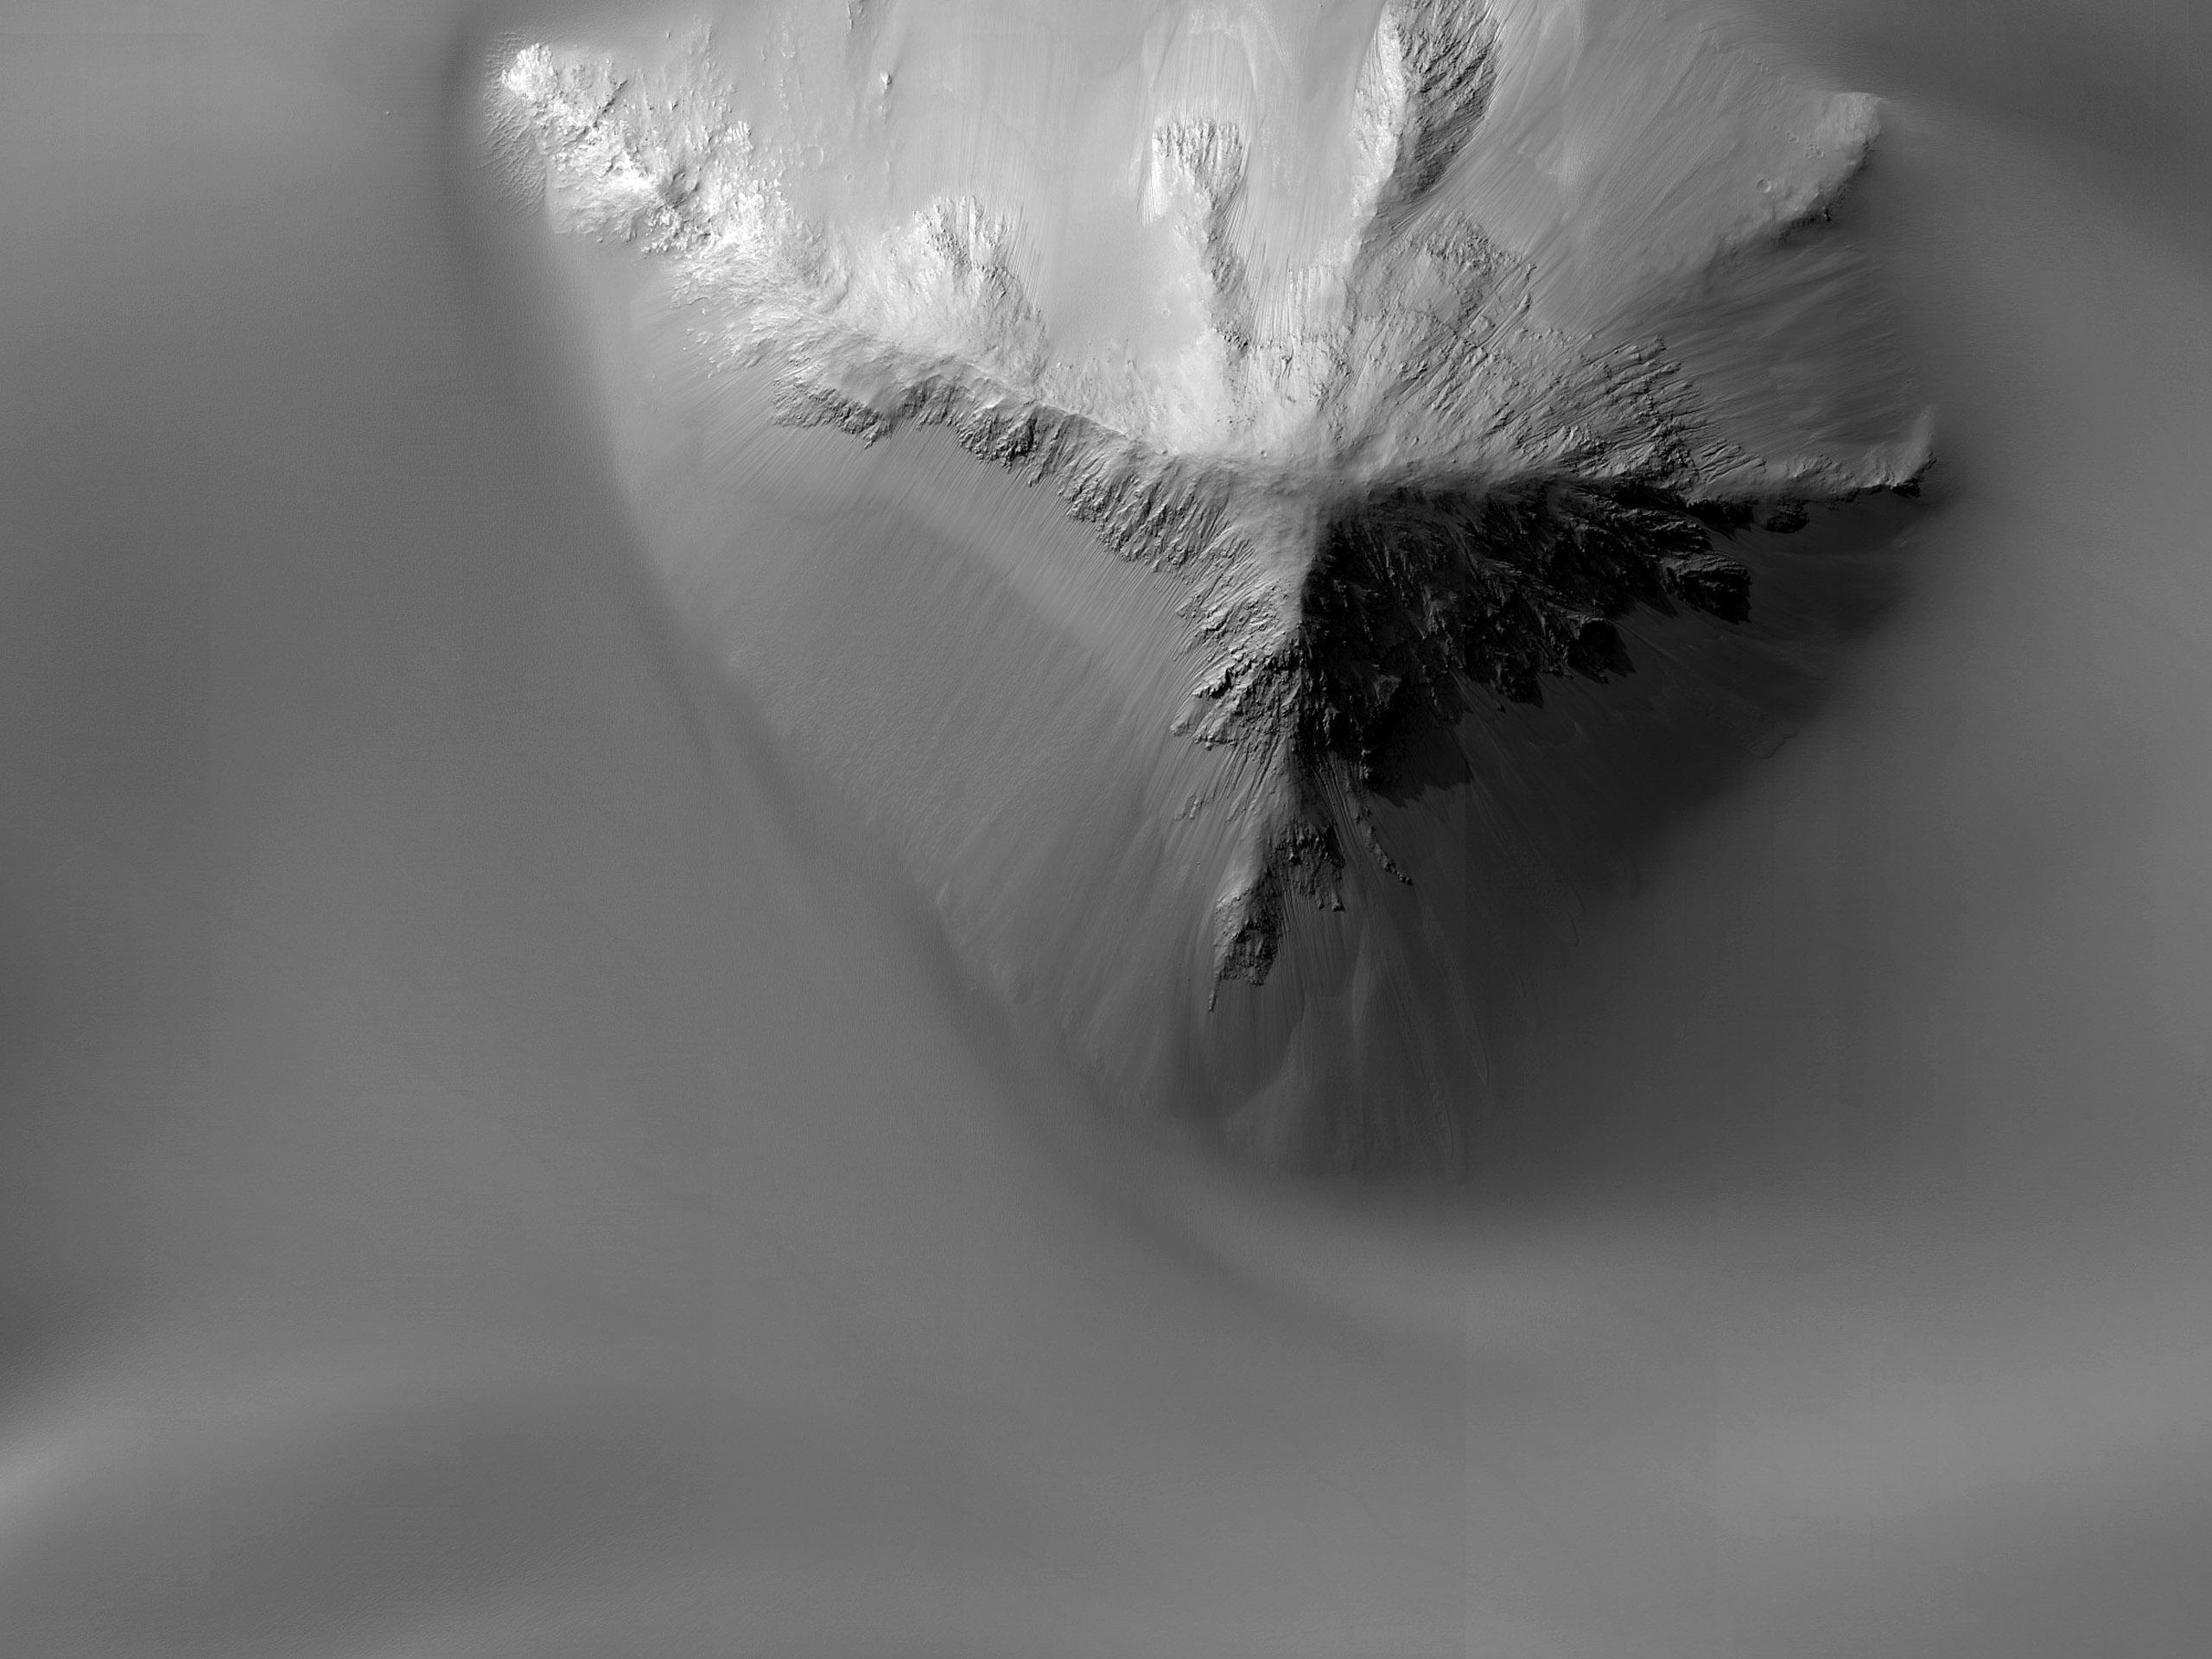 מדרונות של קניון יוונטאי קזמה (Juventae Chasma)